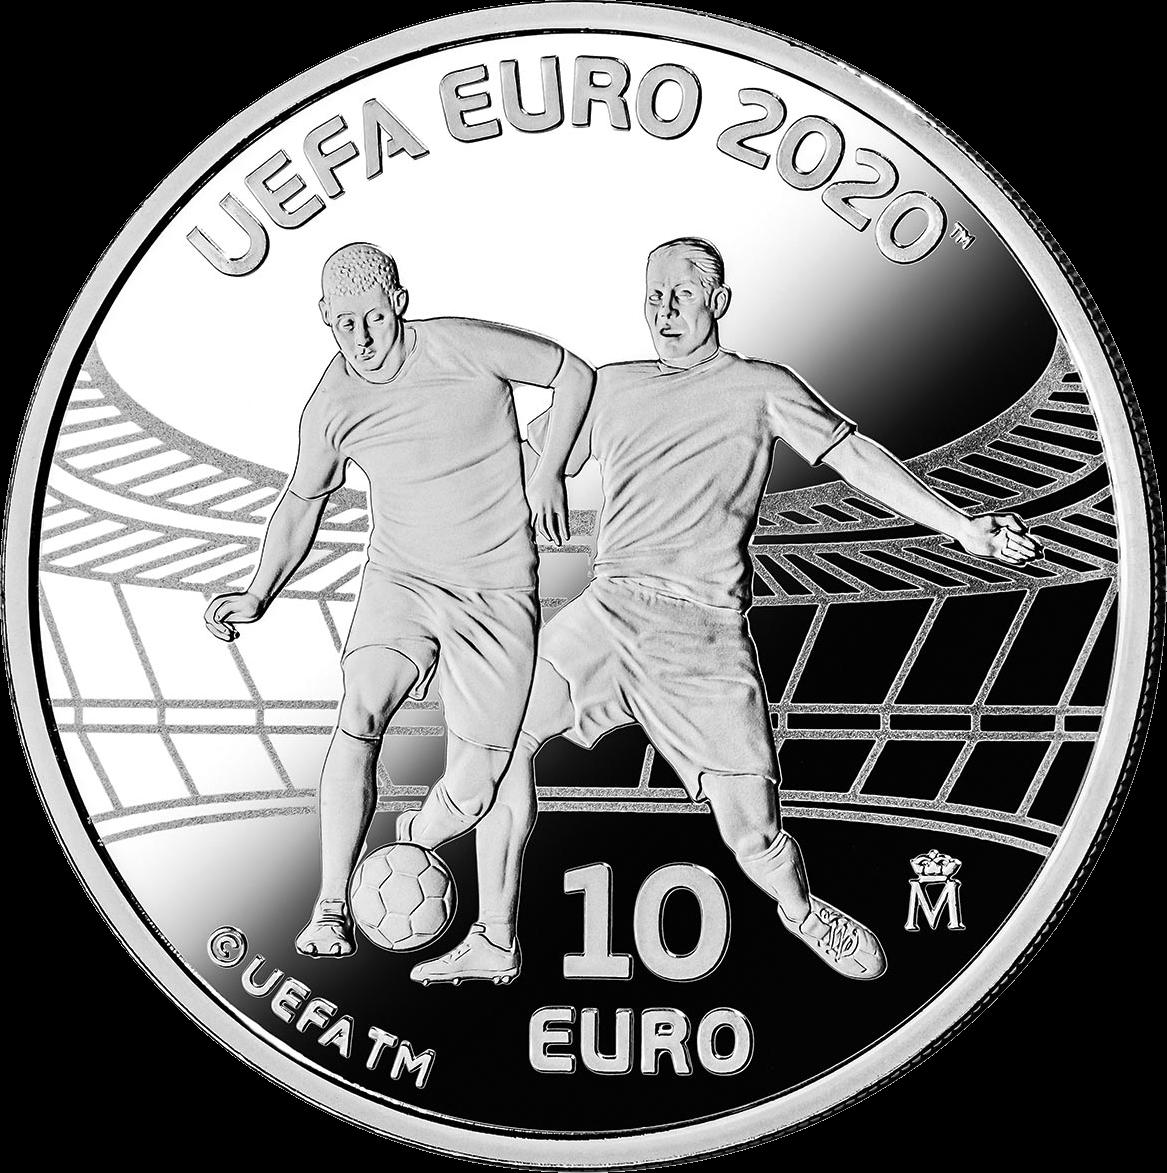 Испания монета 10 евро Чемпионат Европы по футболу 2020, реверс